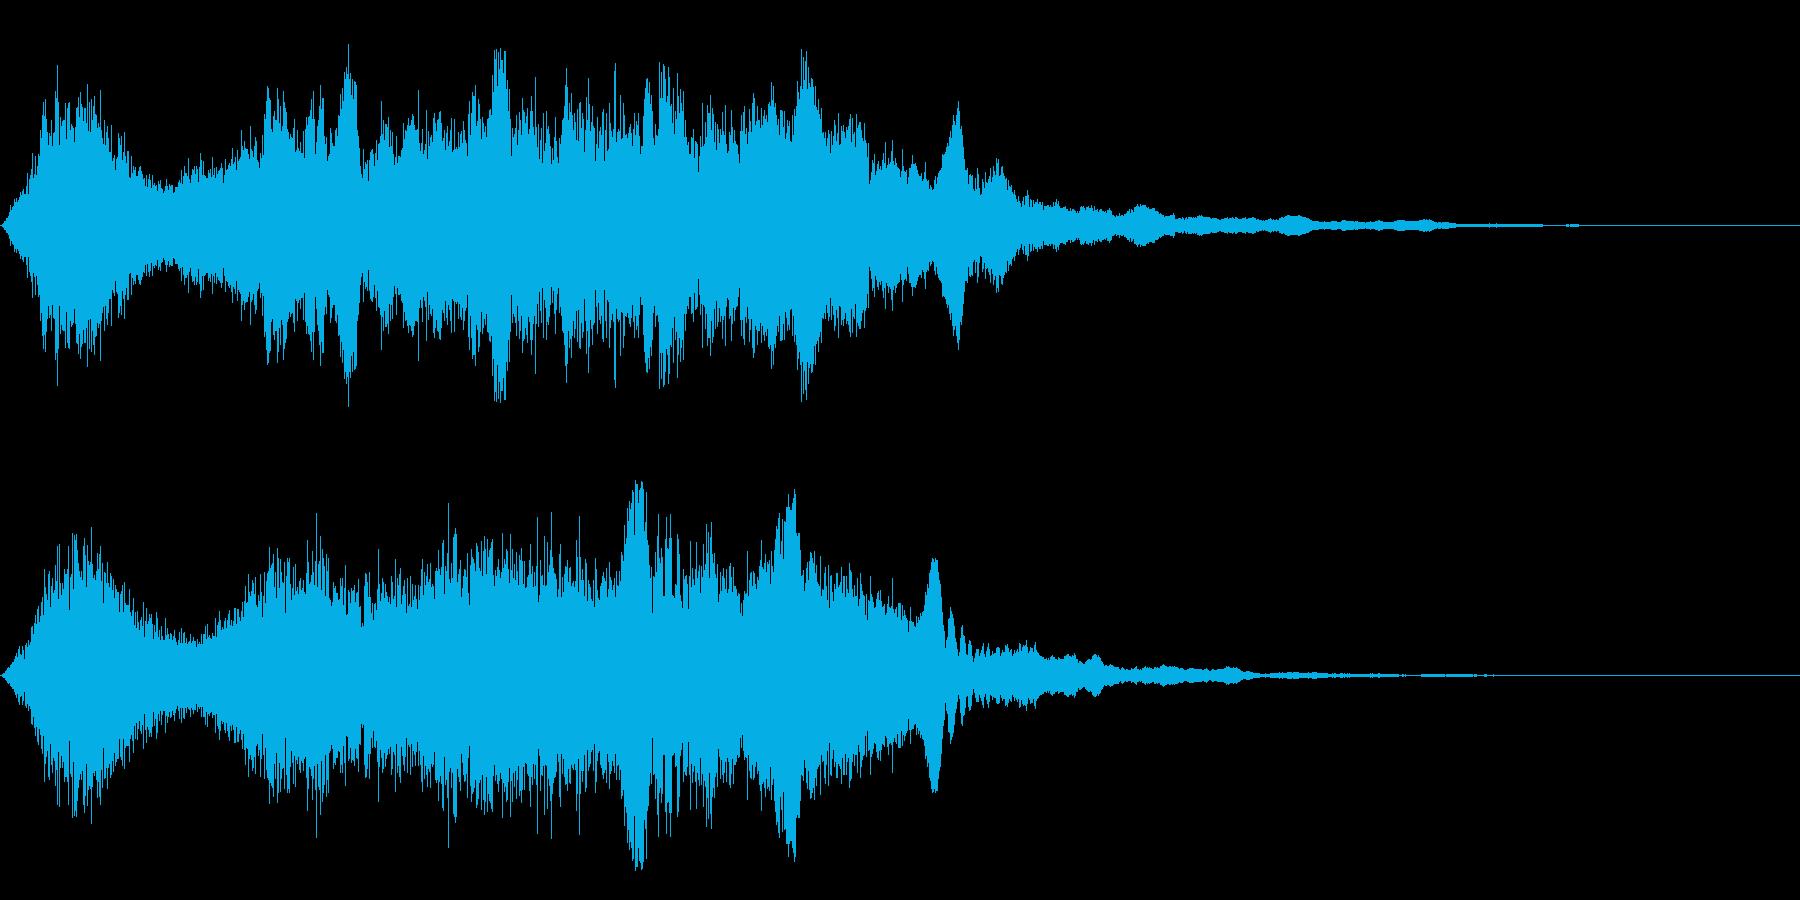 シュワーンシュゥワー・・・の再生済みの波形